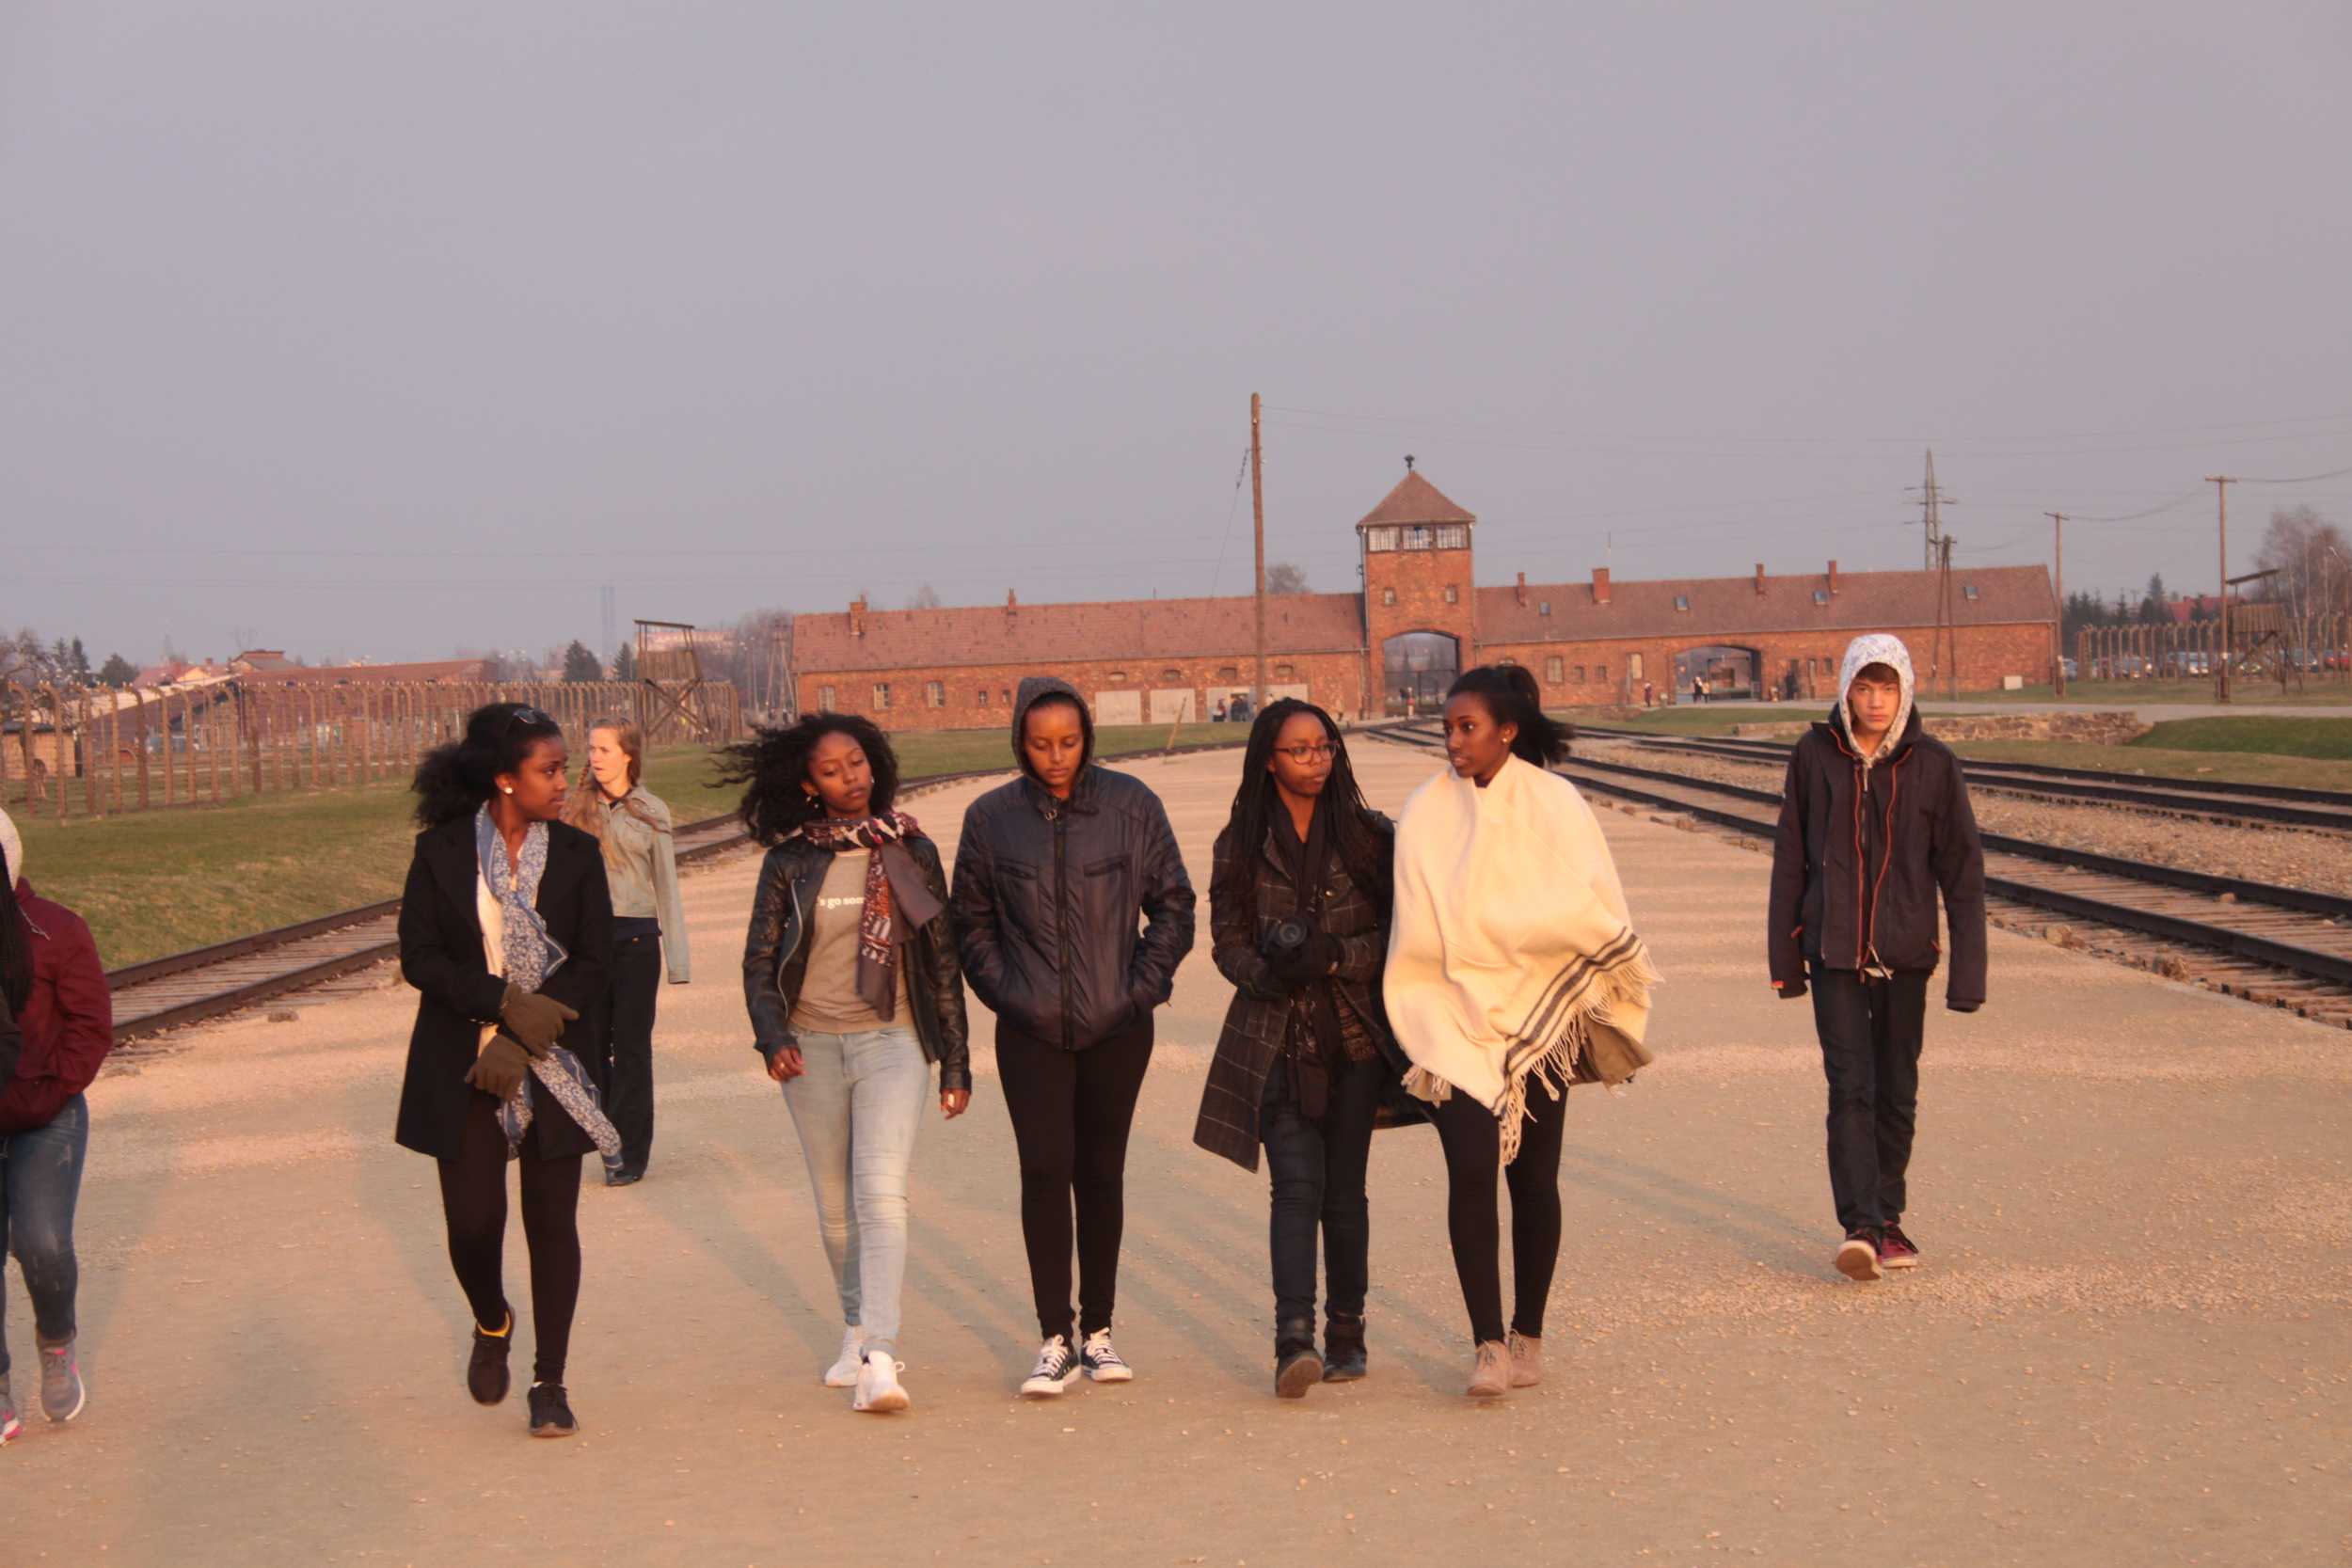 Outside Birkenau Death Camp, near Auschwitz